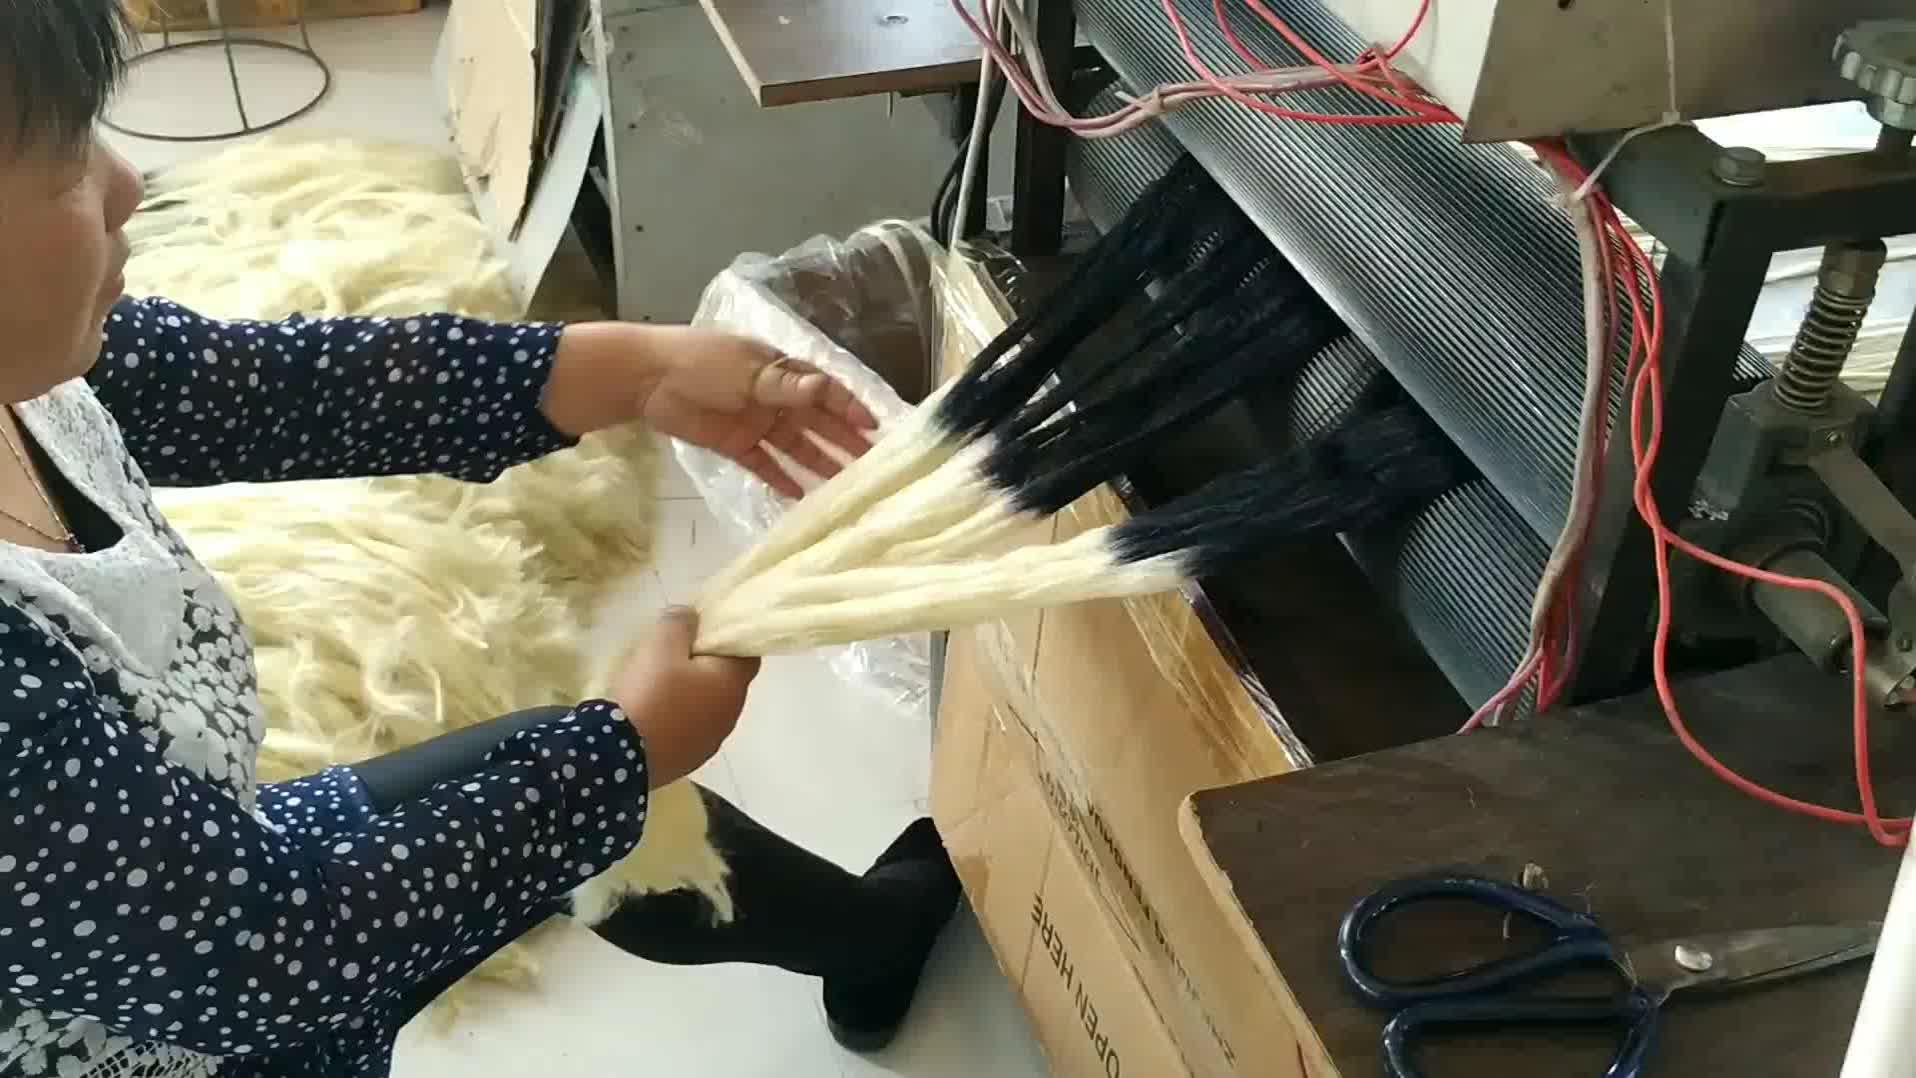 Yaki Jumbo Vlechten Ombre Synthetisch Haar Volledige En Zachte Gehaakte Jumbo Vlechten Haar Groothandel Handgebonden Synthetische Vlechten Haar